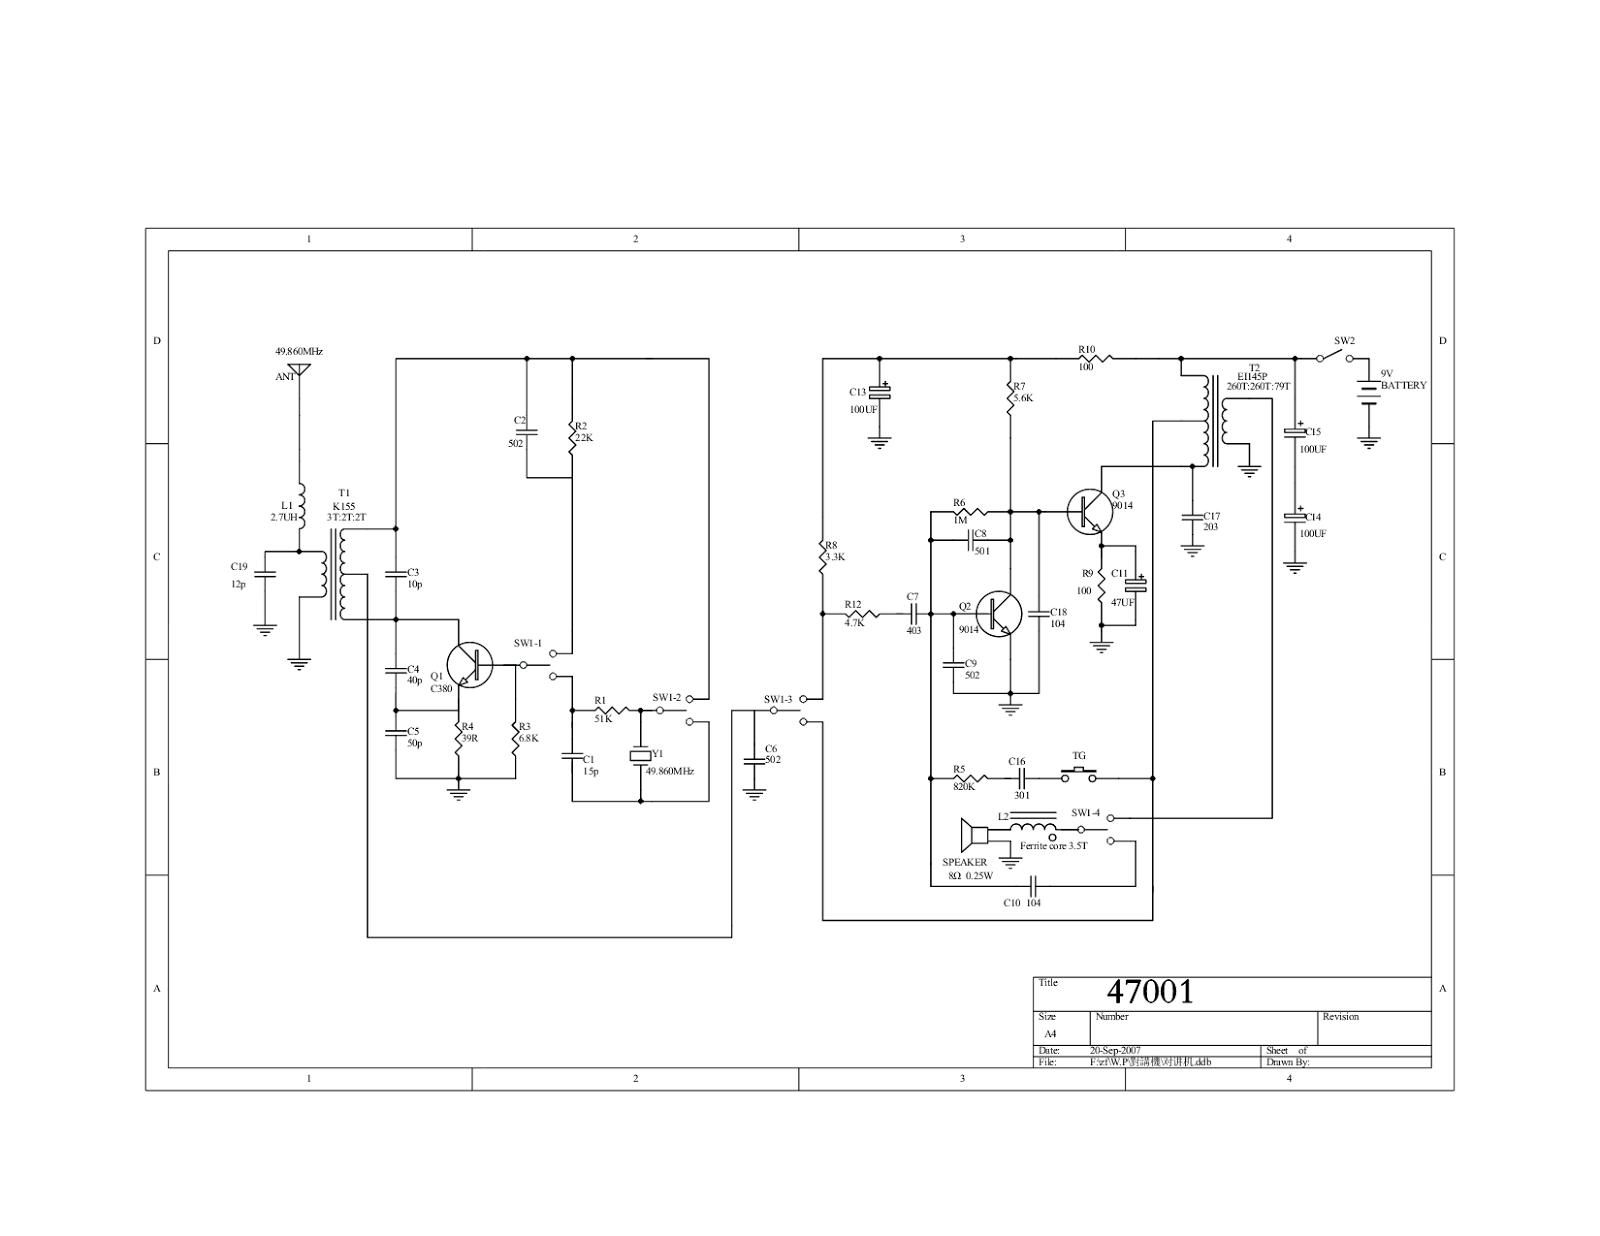 Toy Walkie Talkie Circuit Diagram Simple